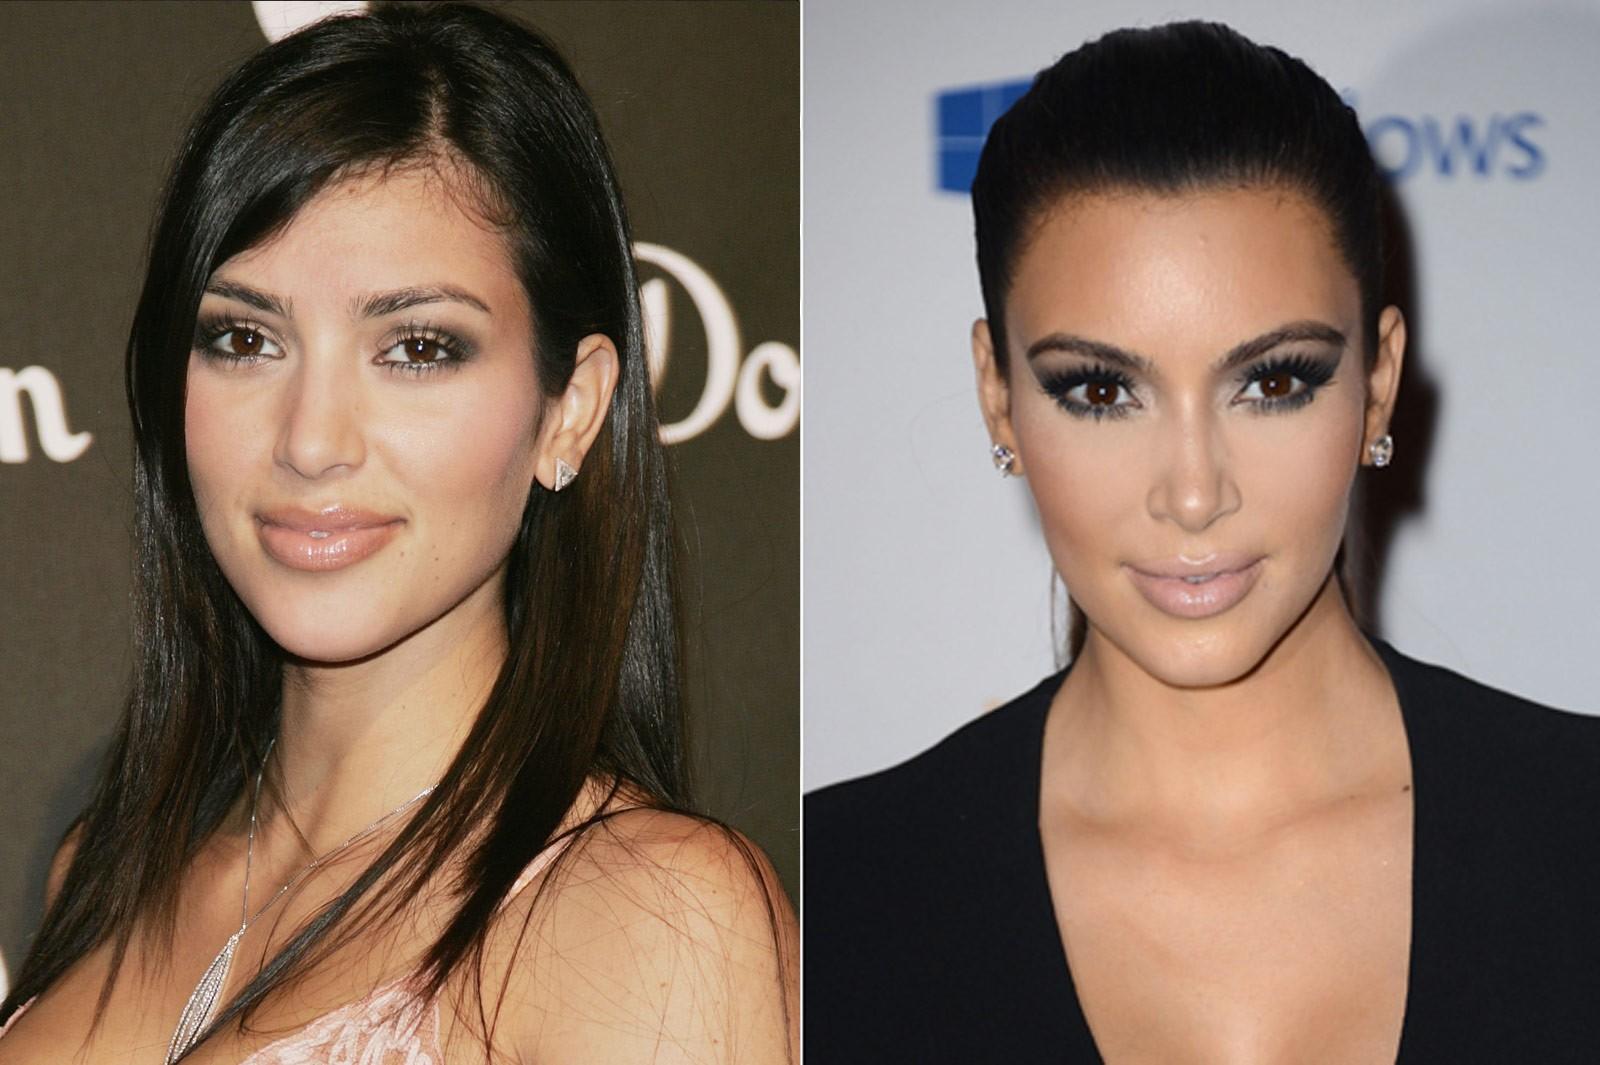 Ким Кардашьян фото до и после пластики